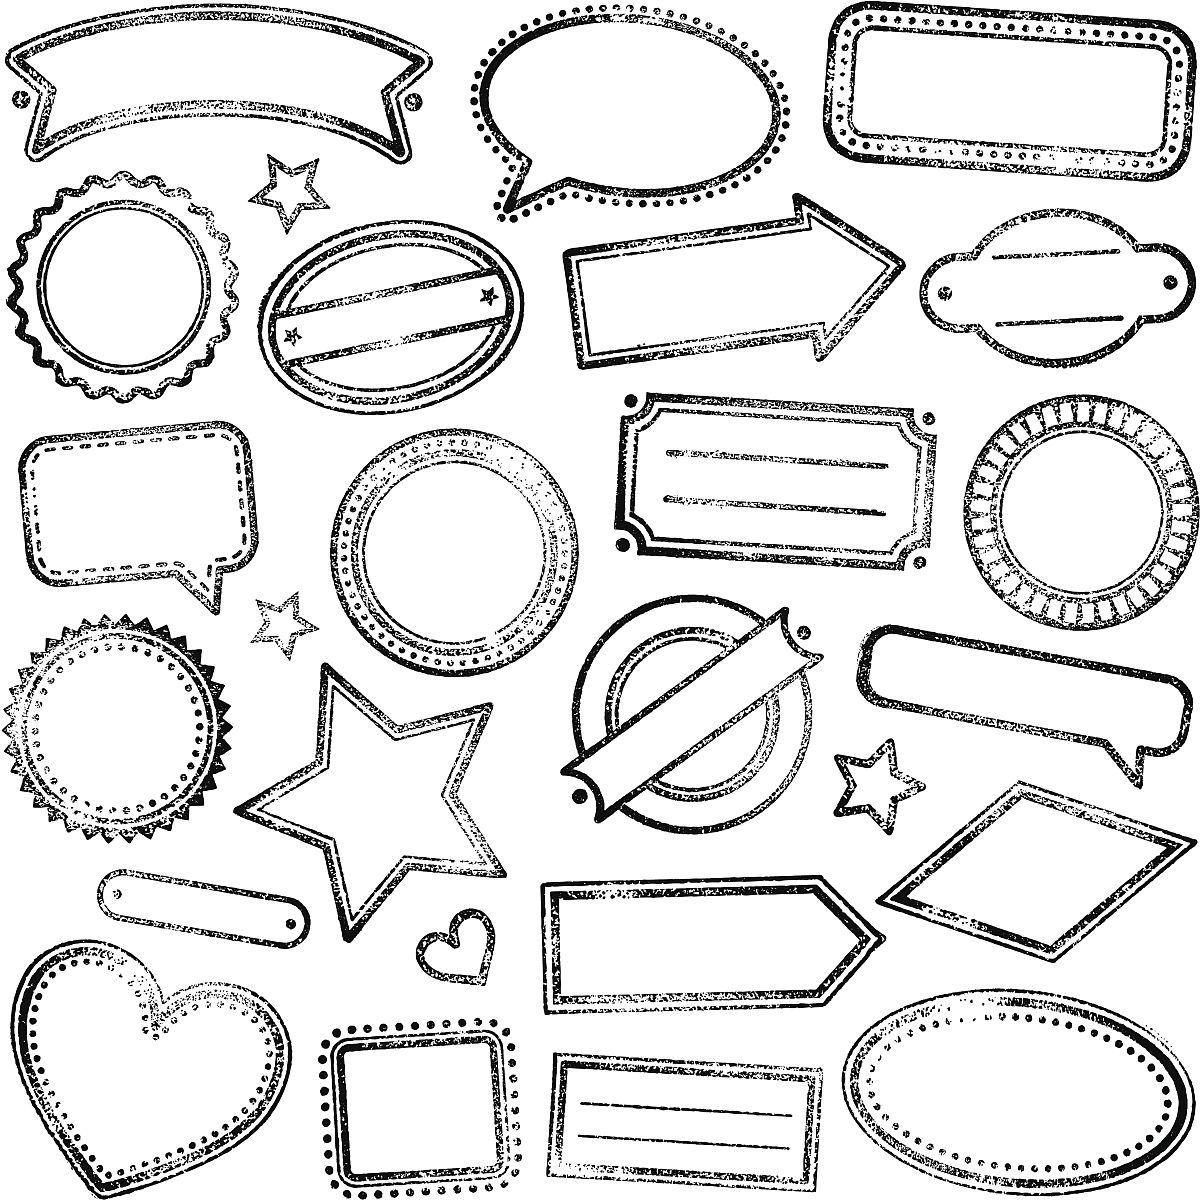 水平画幅,式样,墨水,插画,轮廓线画,心型,老年人,形状,计算机图形学图片